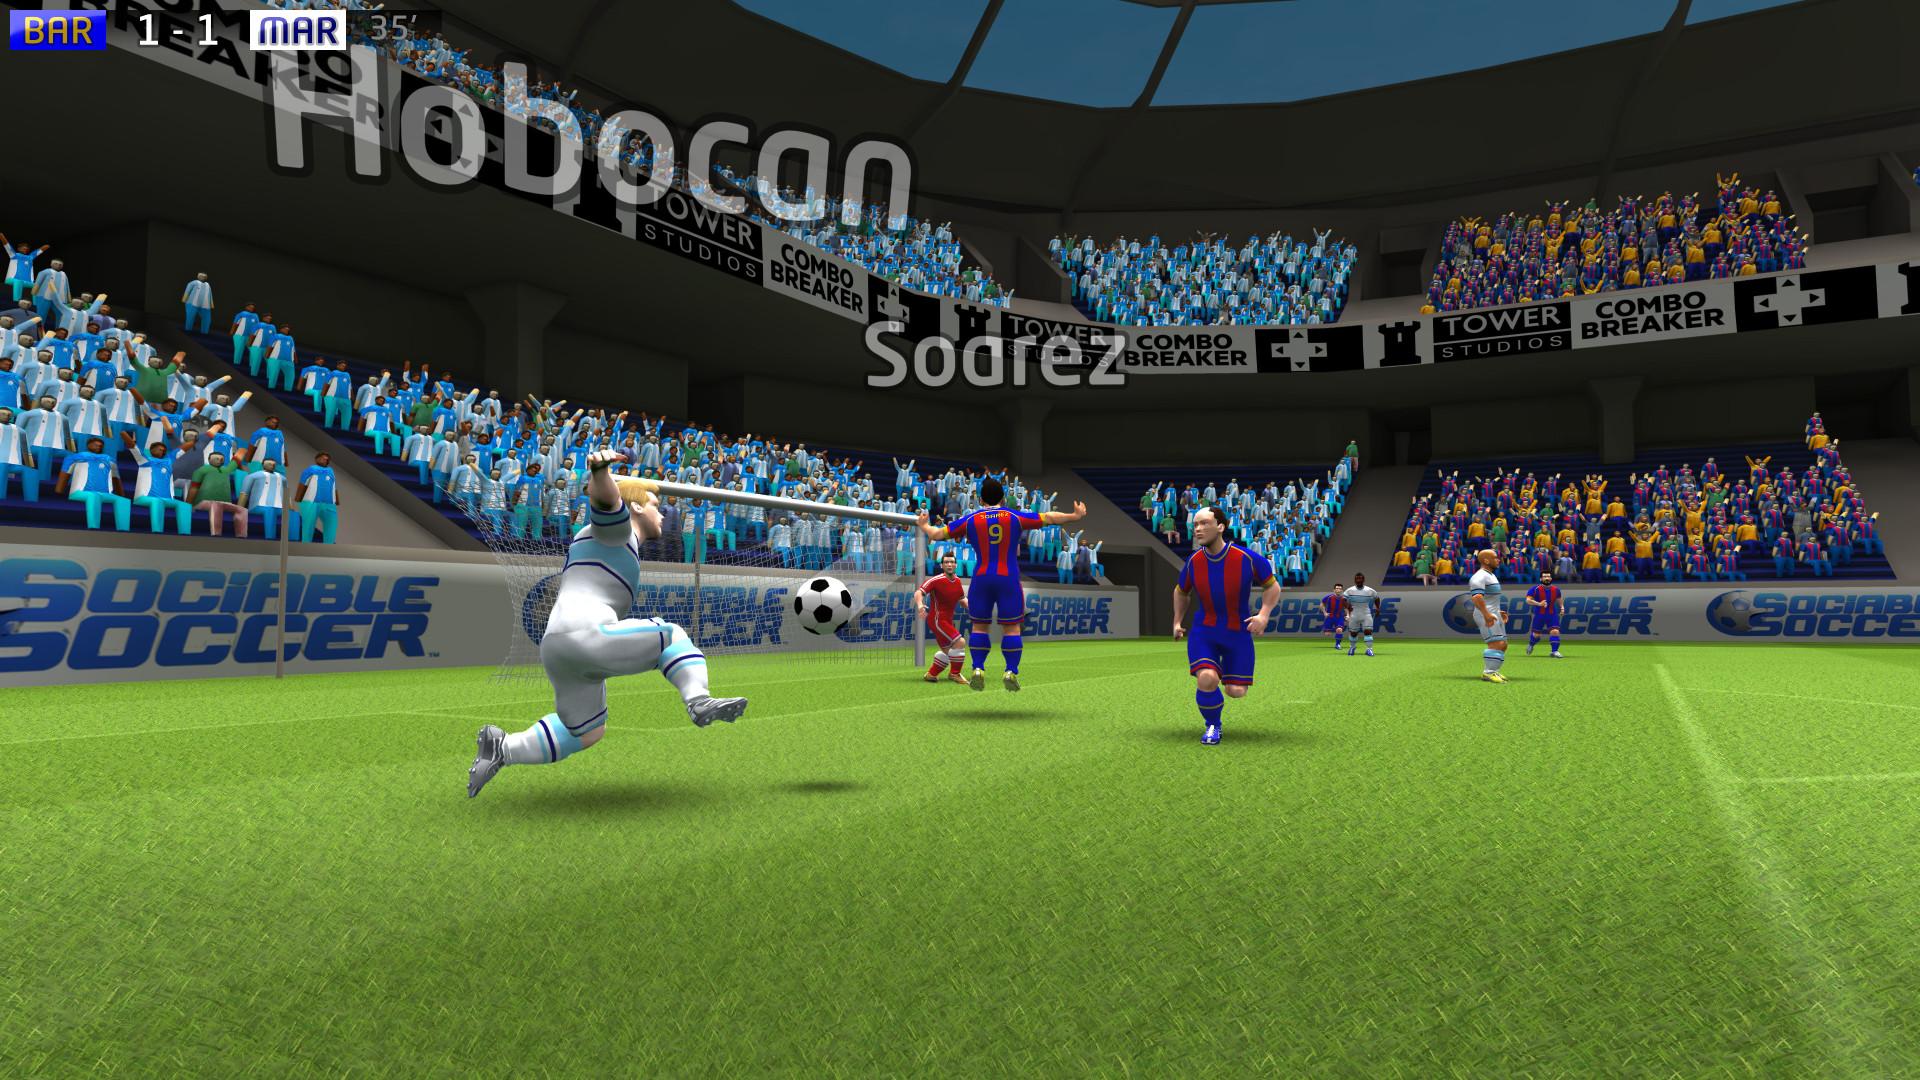 Sociable Soccer_02